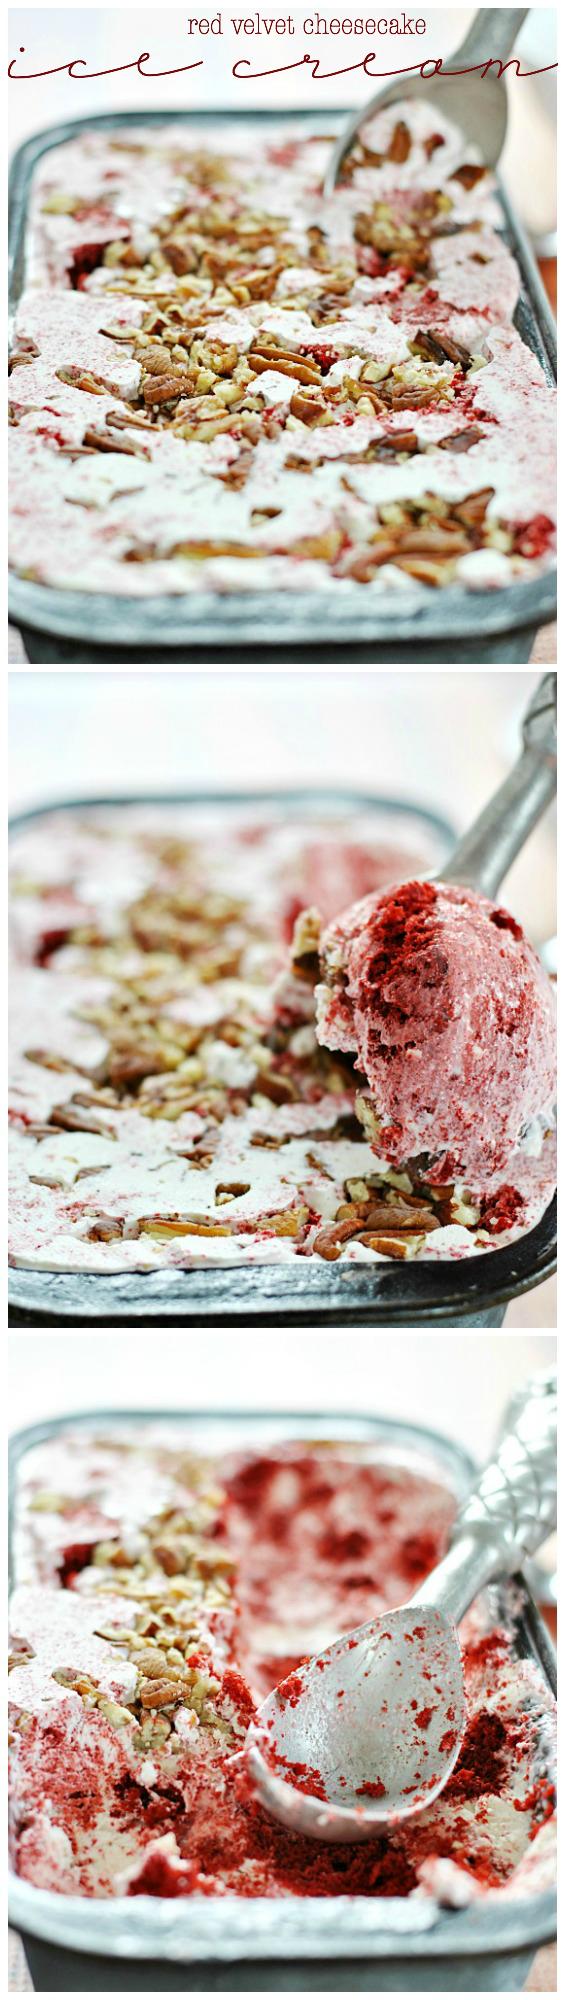 Red Velvet Cheesecake Ice Cream   www.somethingswanky.com